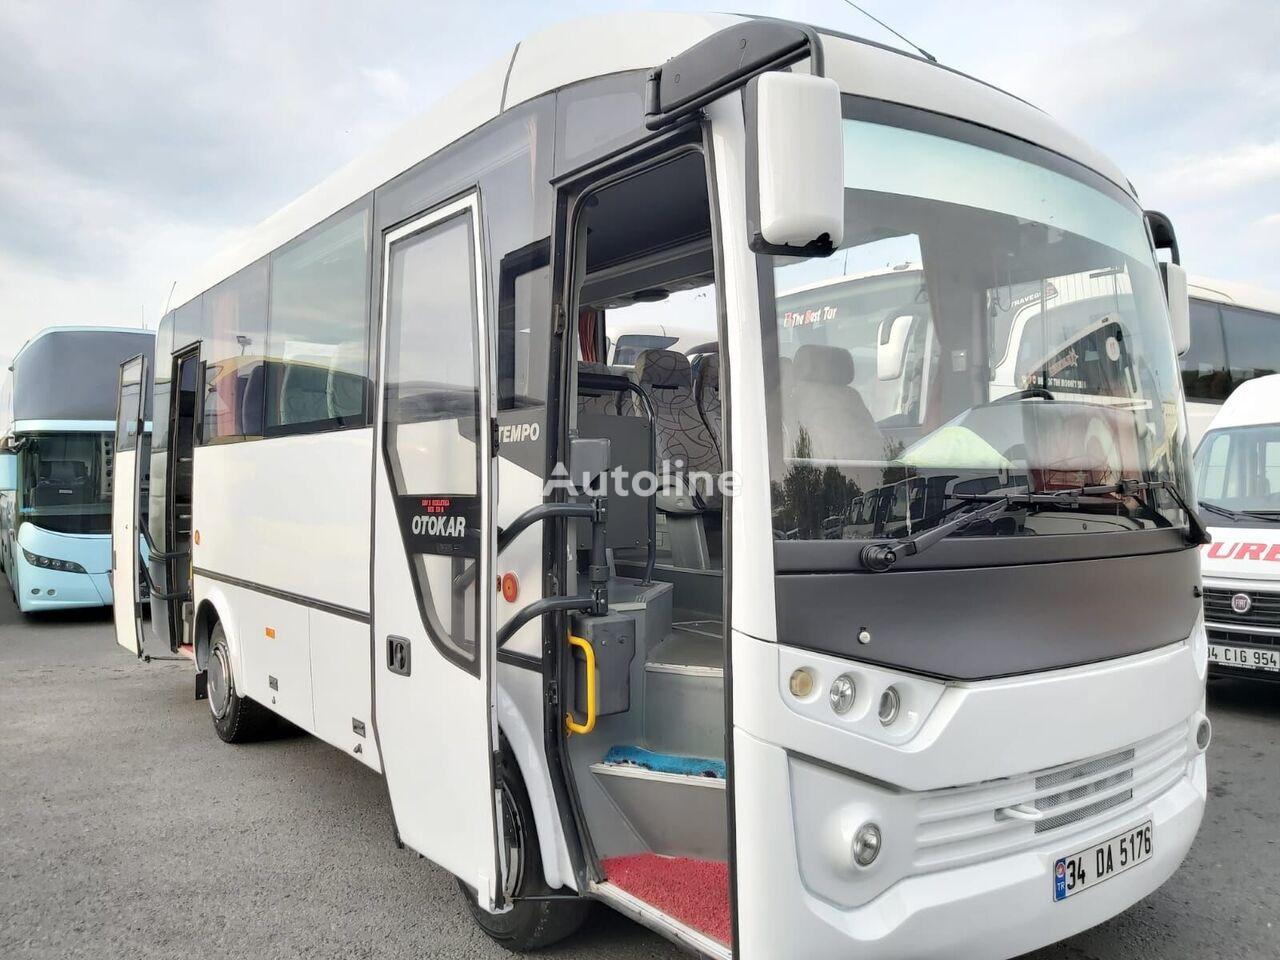 OTOKAR TEMPO city bus